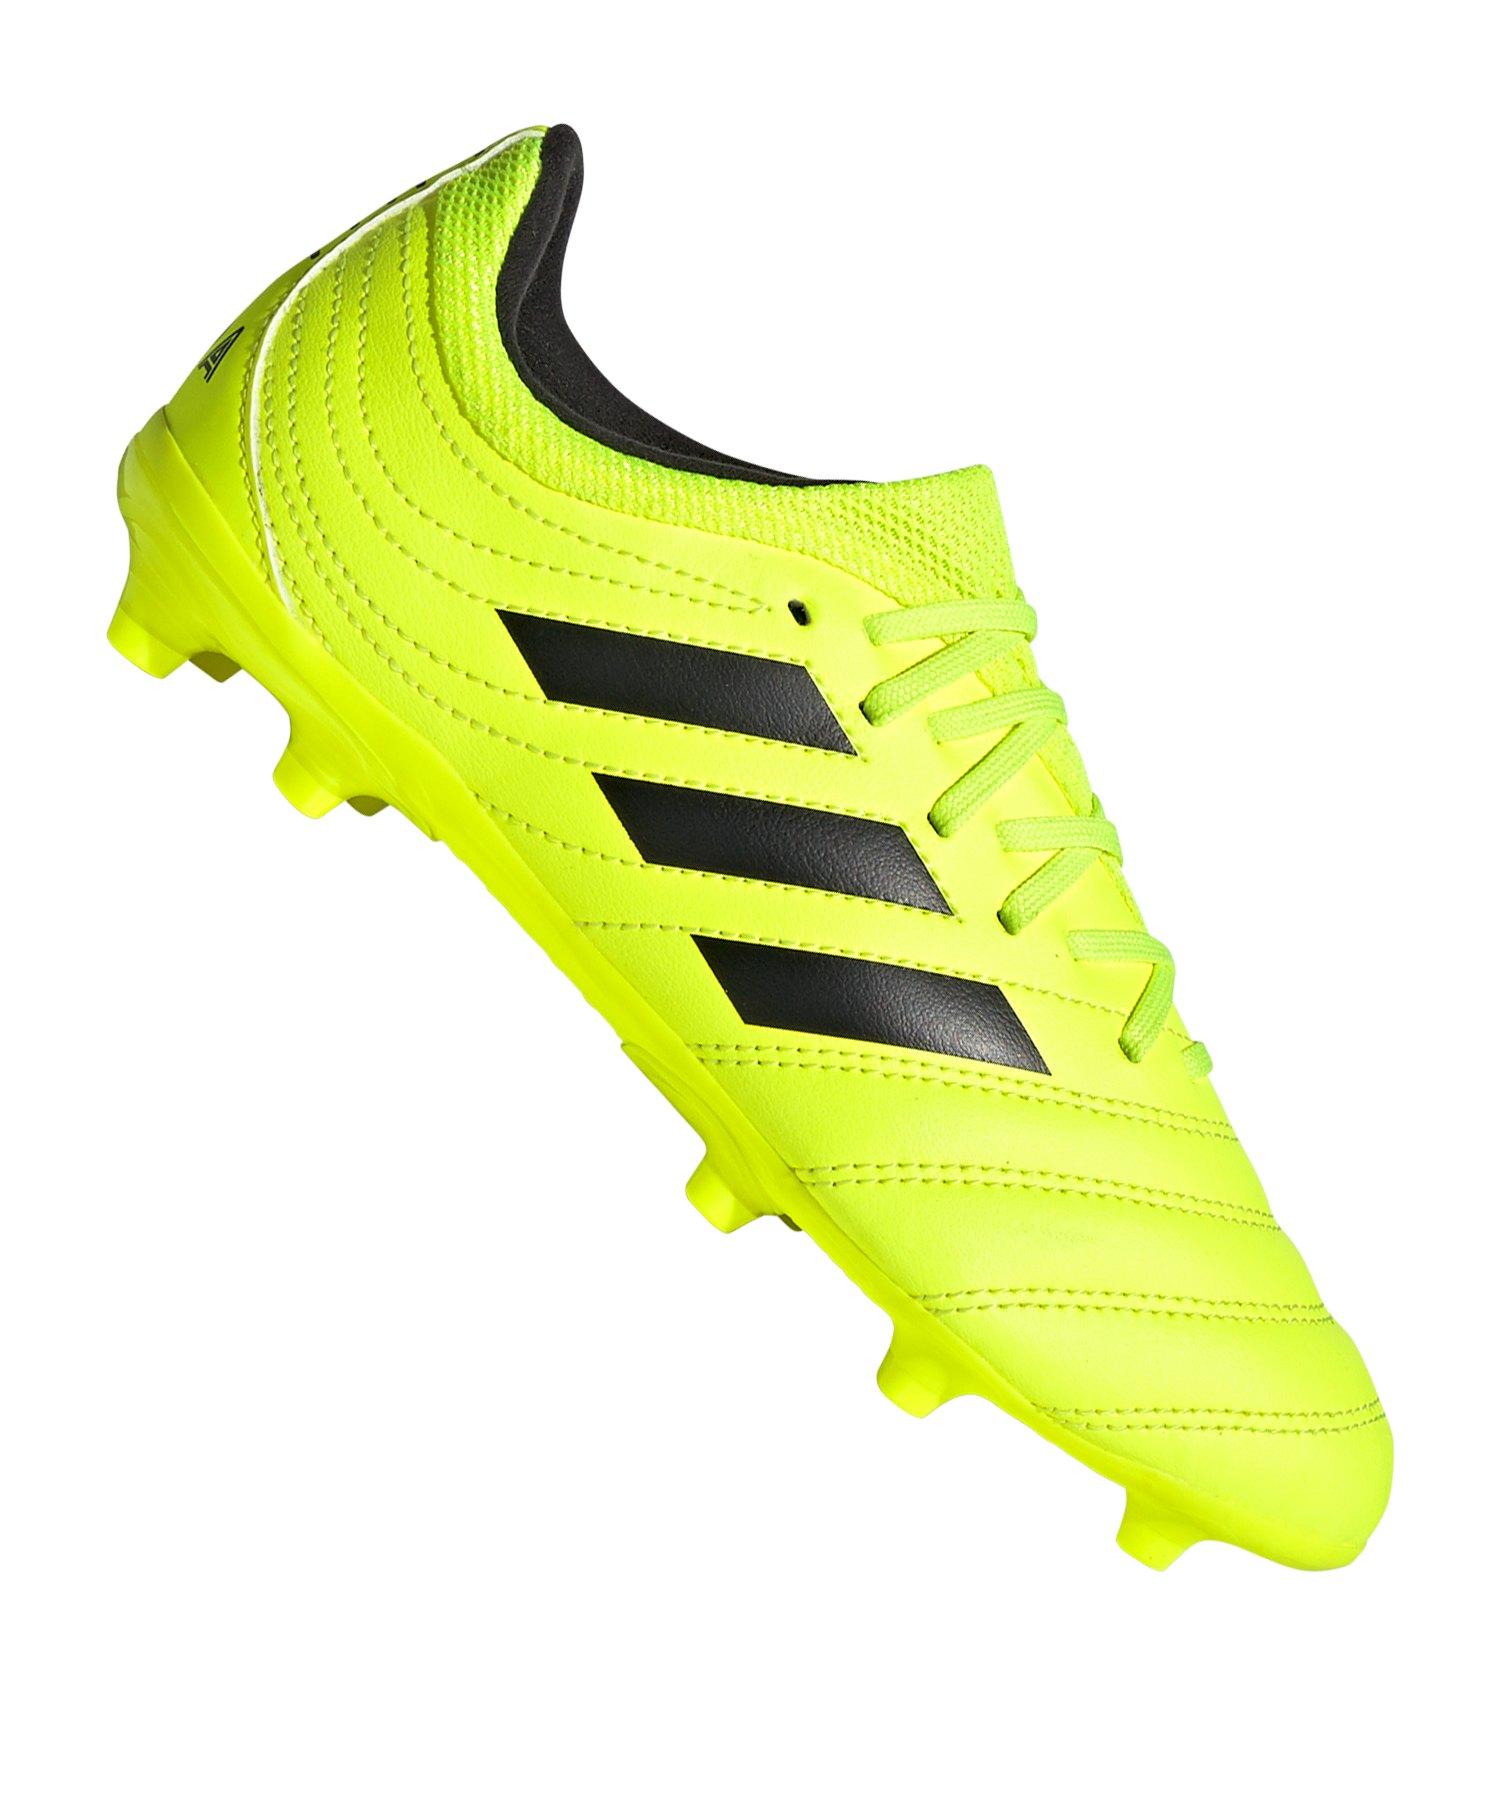 adidas COPA 19.3 FG J Kids Gelb - gelb